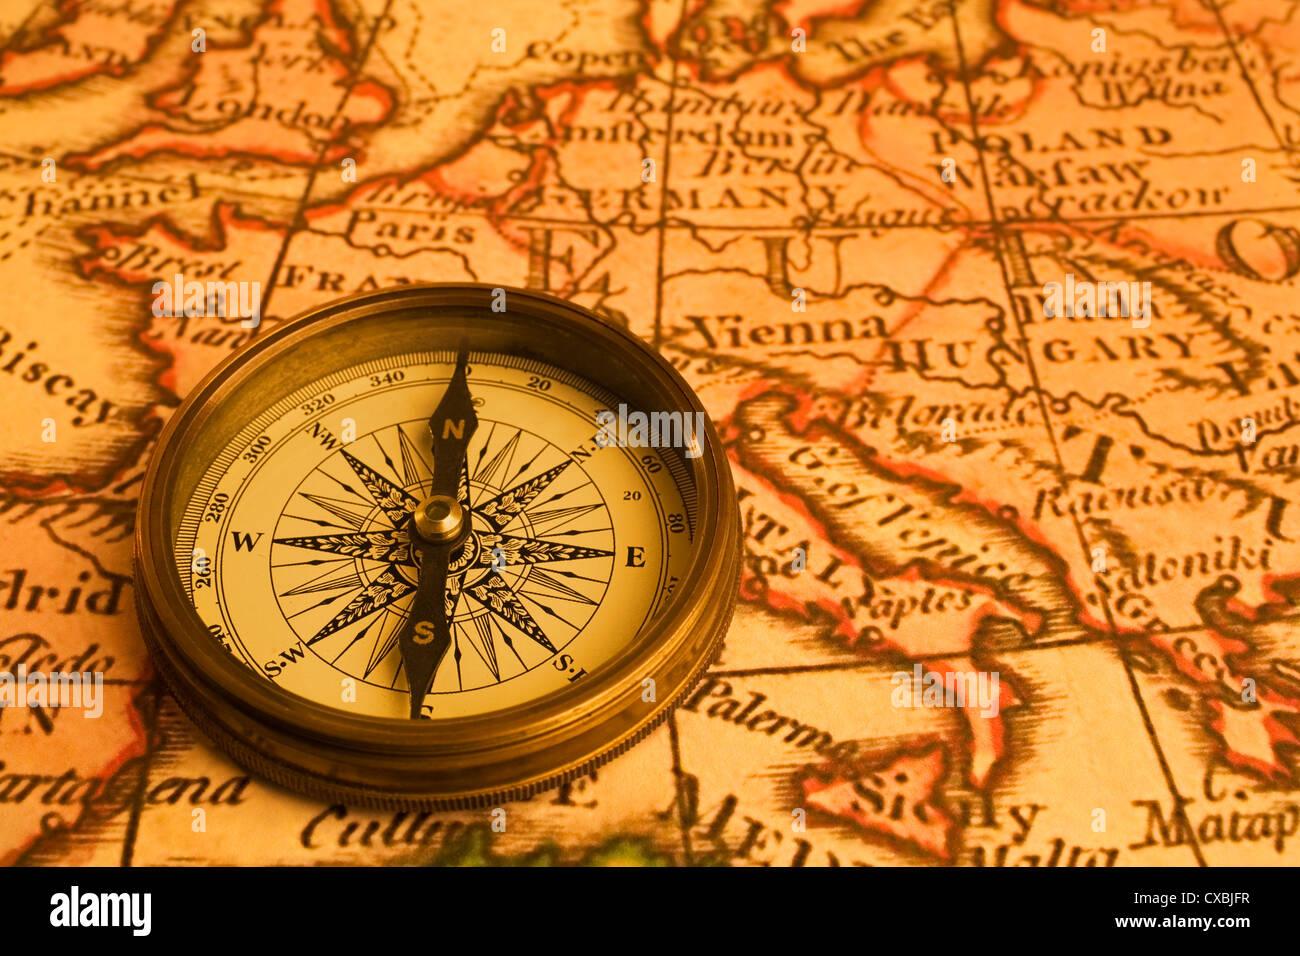 kompass karte Alte Karte von Europa und antiker Kompass. Karte von 1786 ist und